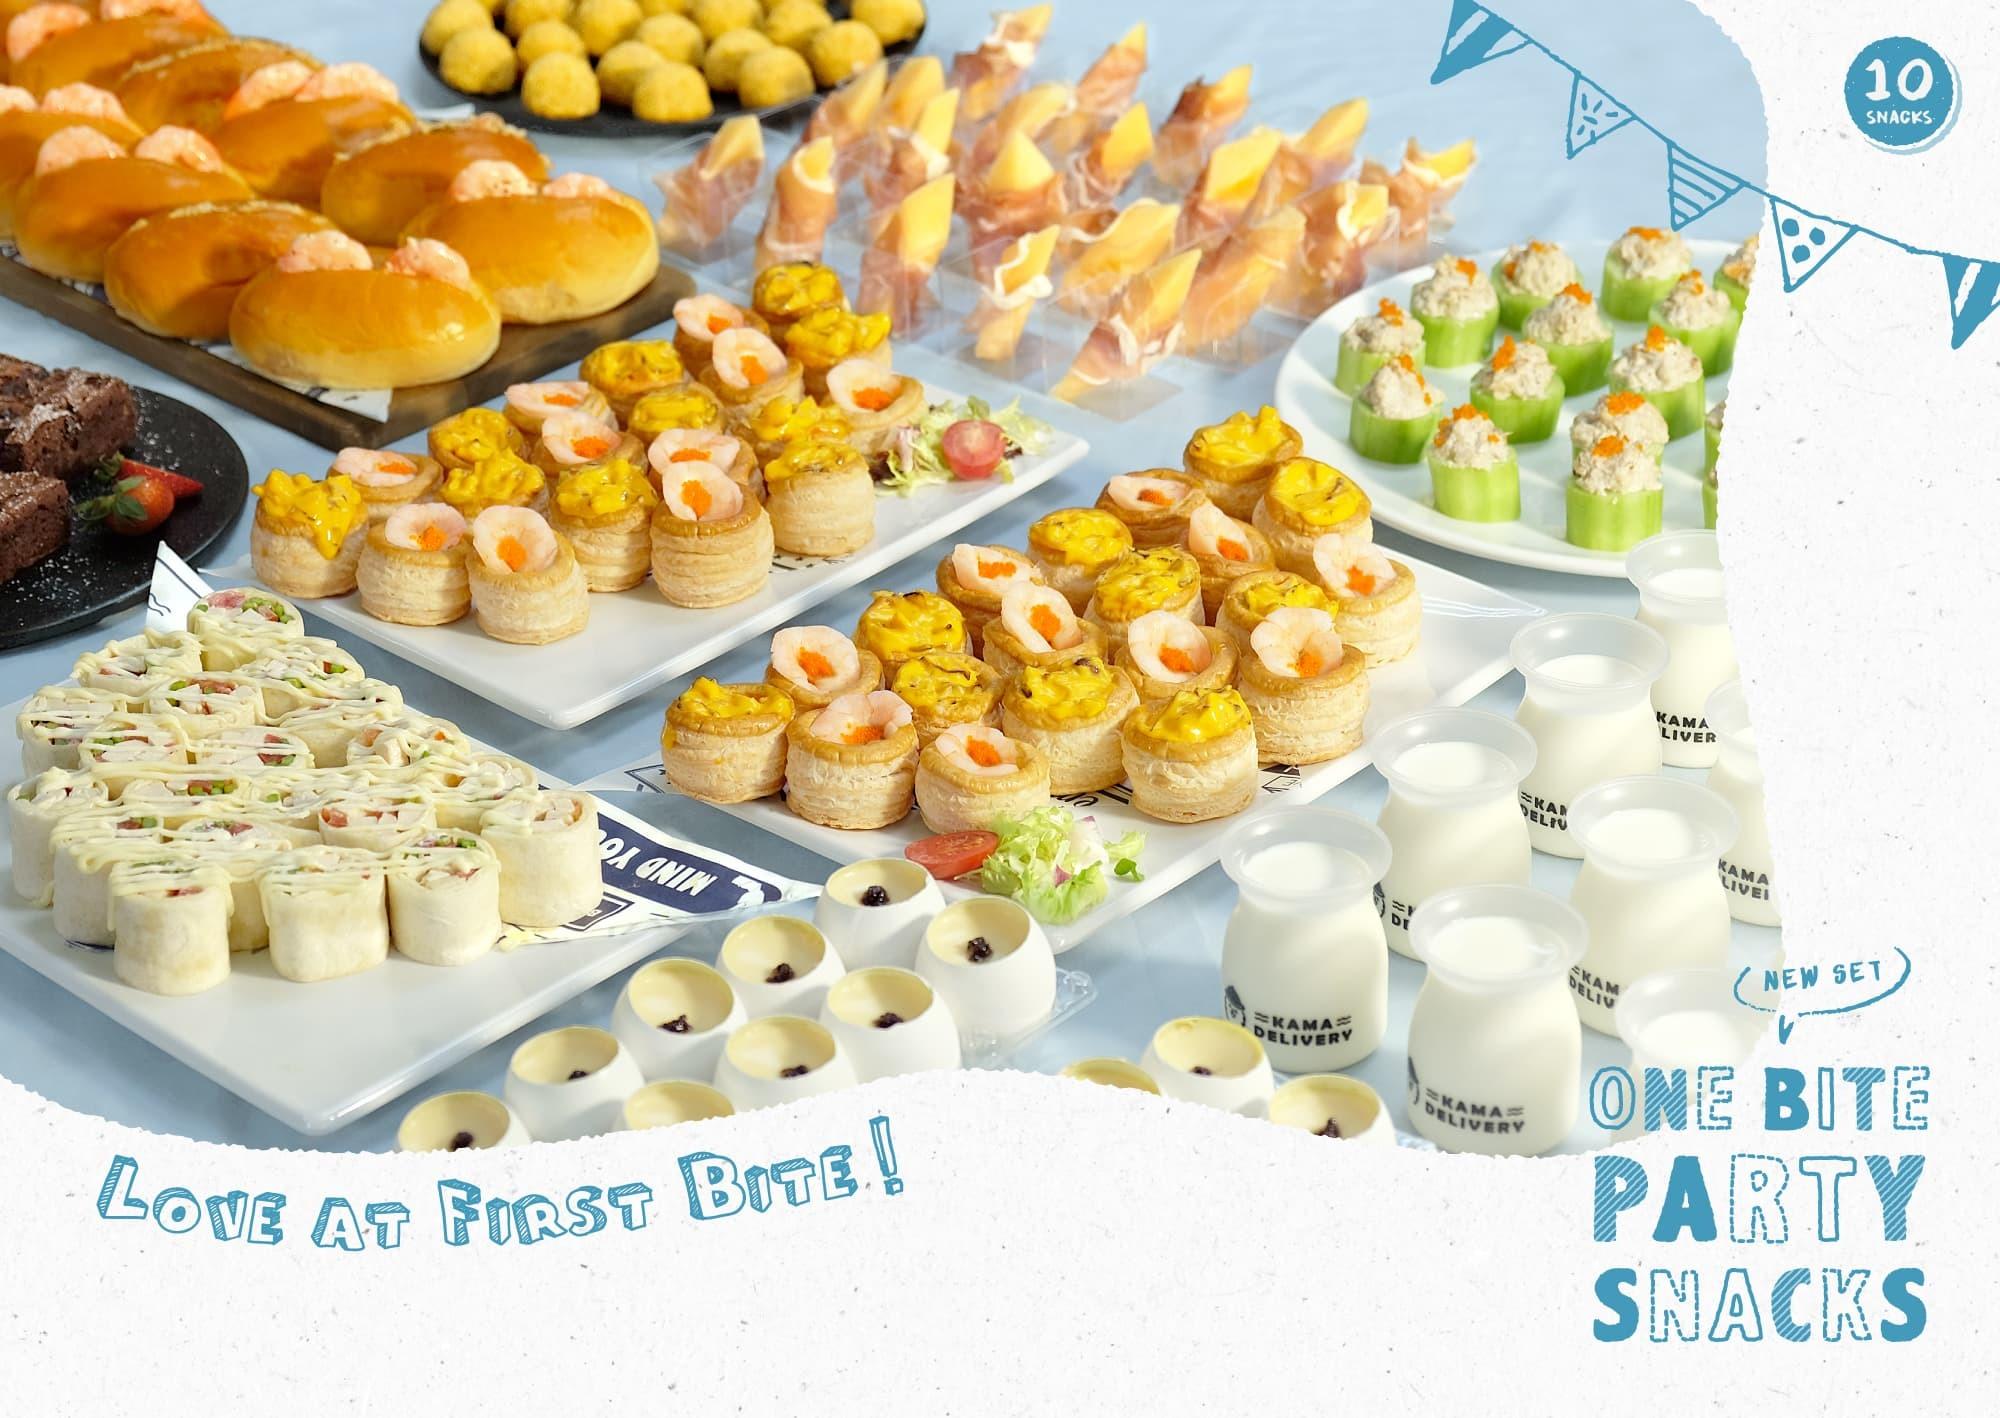 86人外賣套餐訂購|Kama Delivery炮製的一口派對小食Set適合在私人婚禮、晚會、百日宴、下午茶會、座談會、店舖開張、演講會、企業簡介會、公司講座、辦公室會議、慶功宴、員工午膳等場合享用。